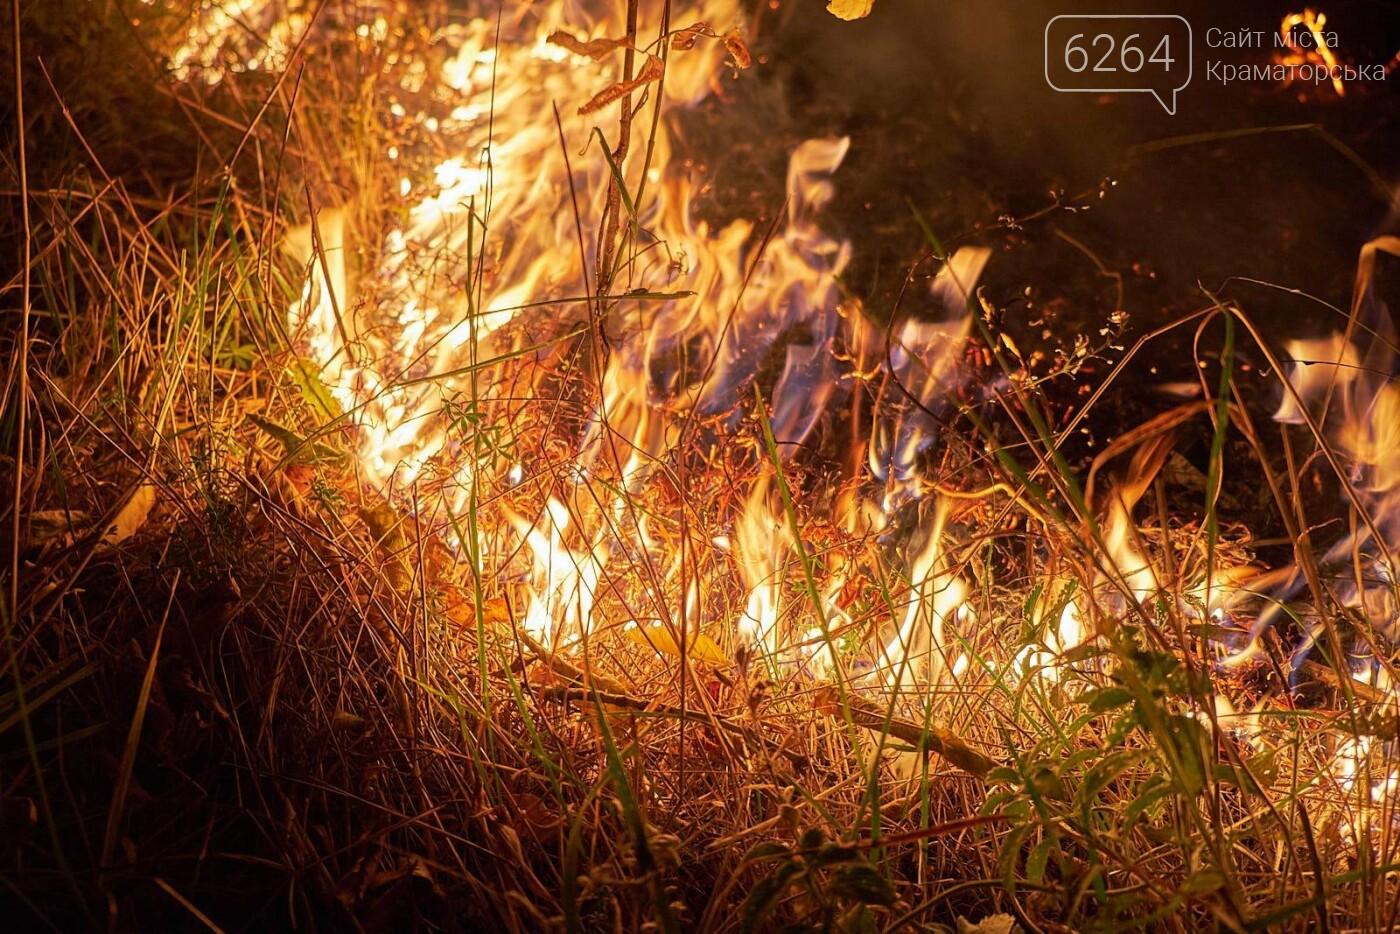 Масштабный лесной пожар в Краматорске – спасатели подозревают поджог (фото), фото-4